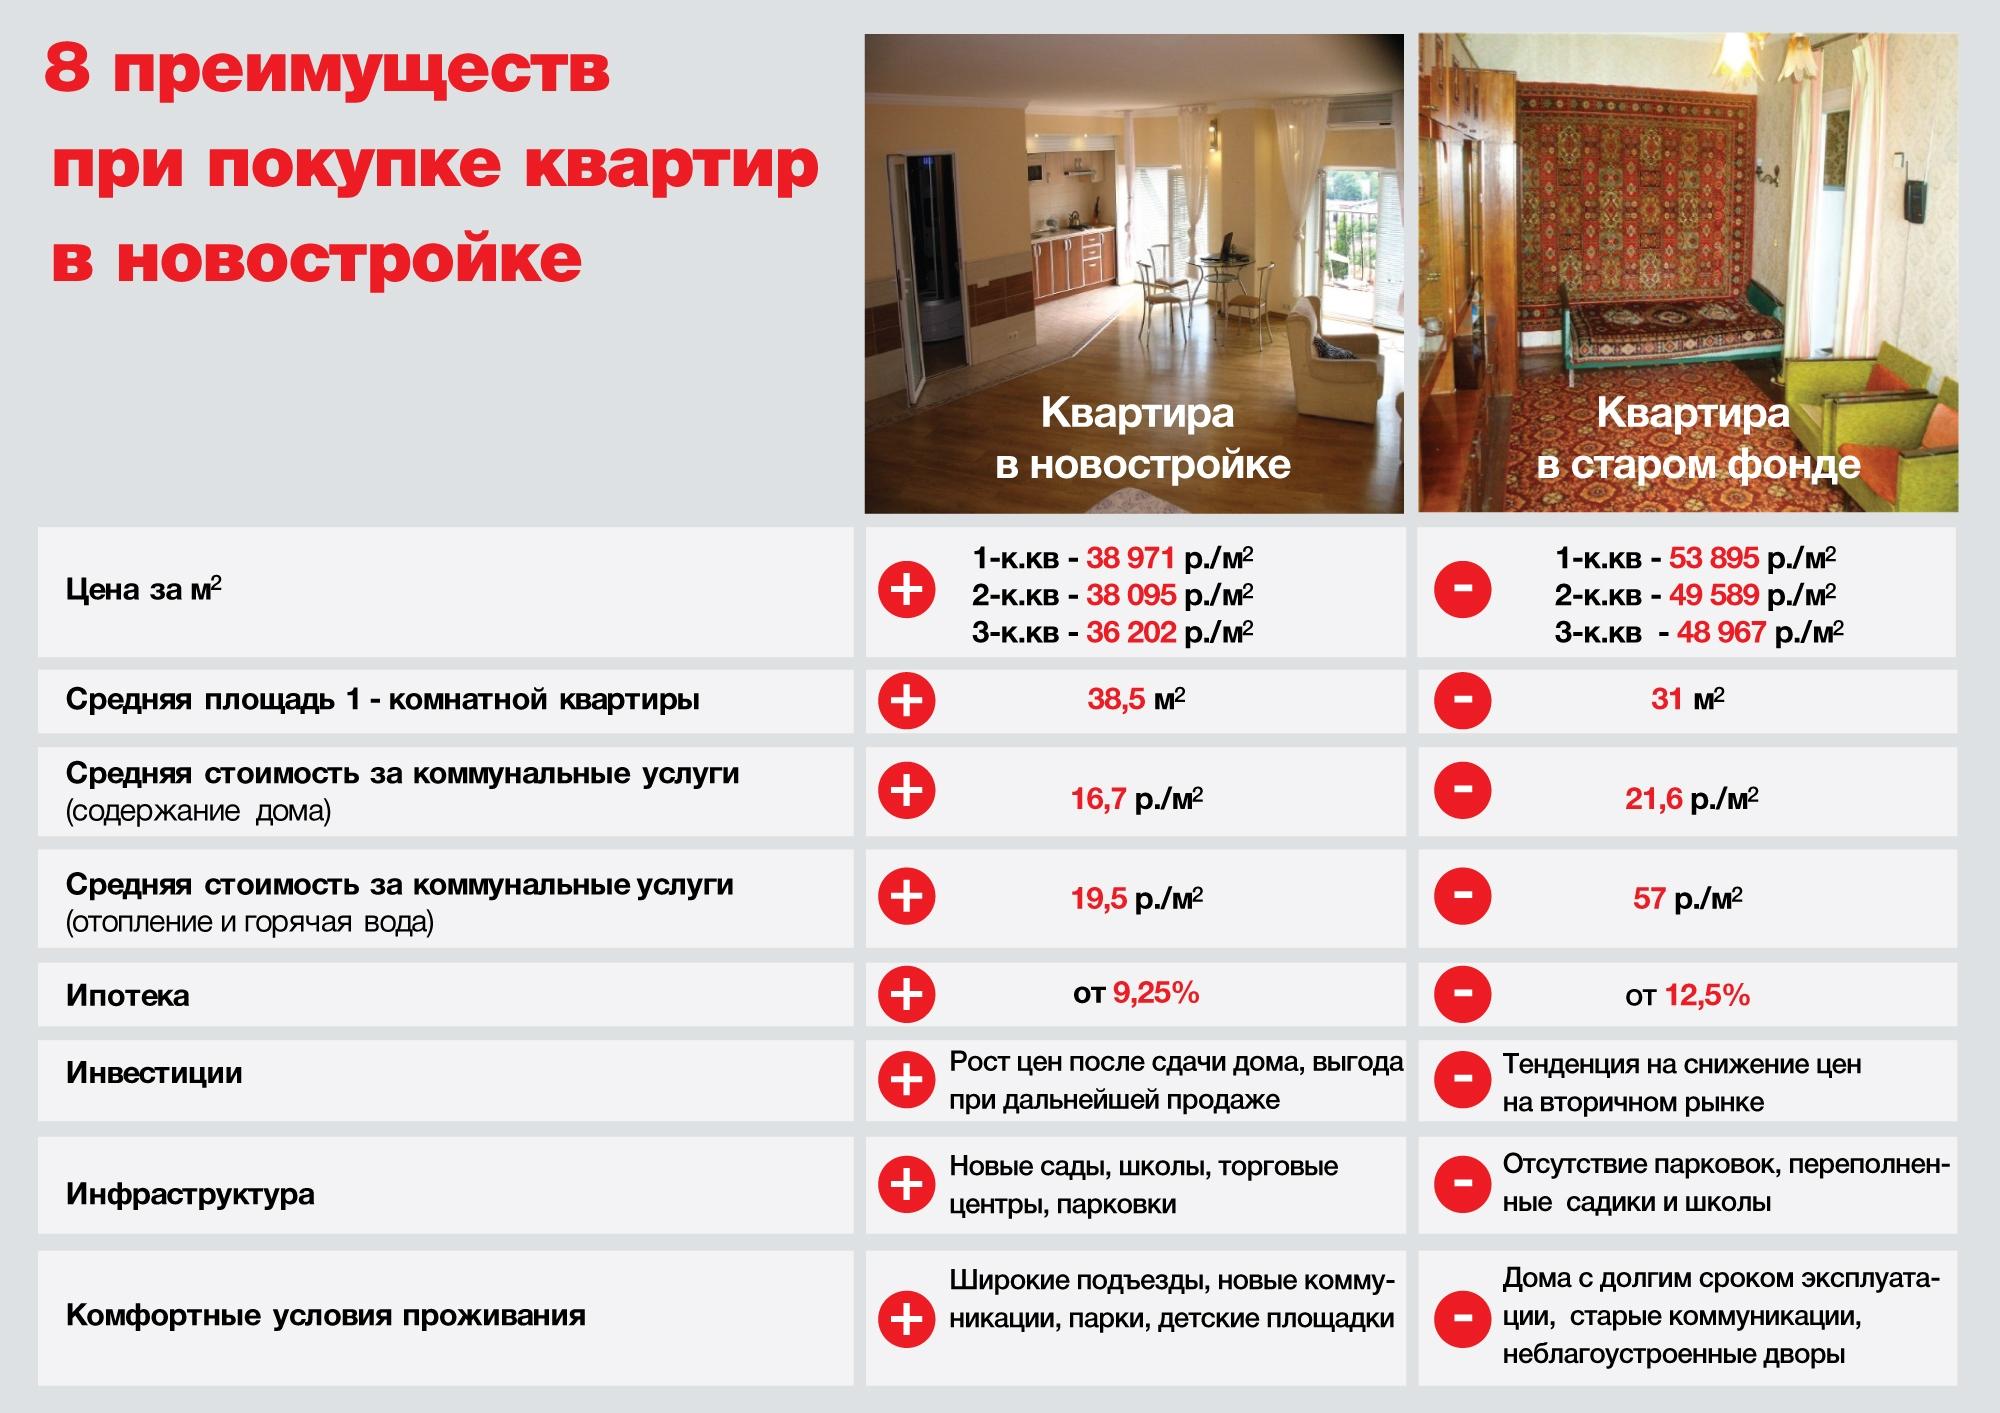 Комиссия при съеме квартиры – чем она отличается от залога при аренде жилплощади?